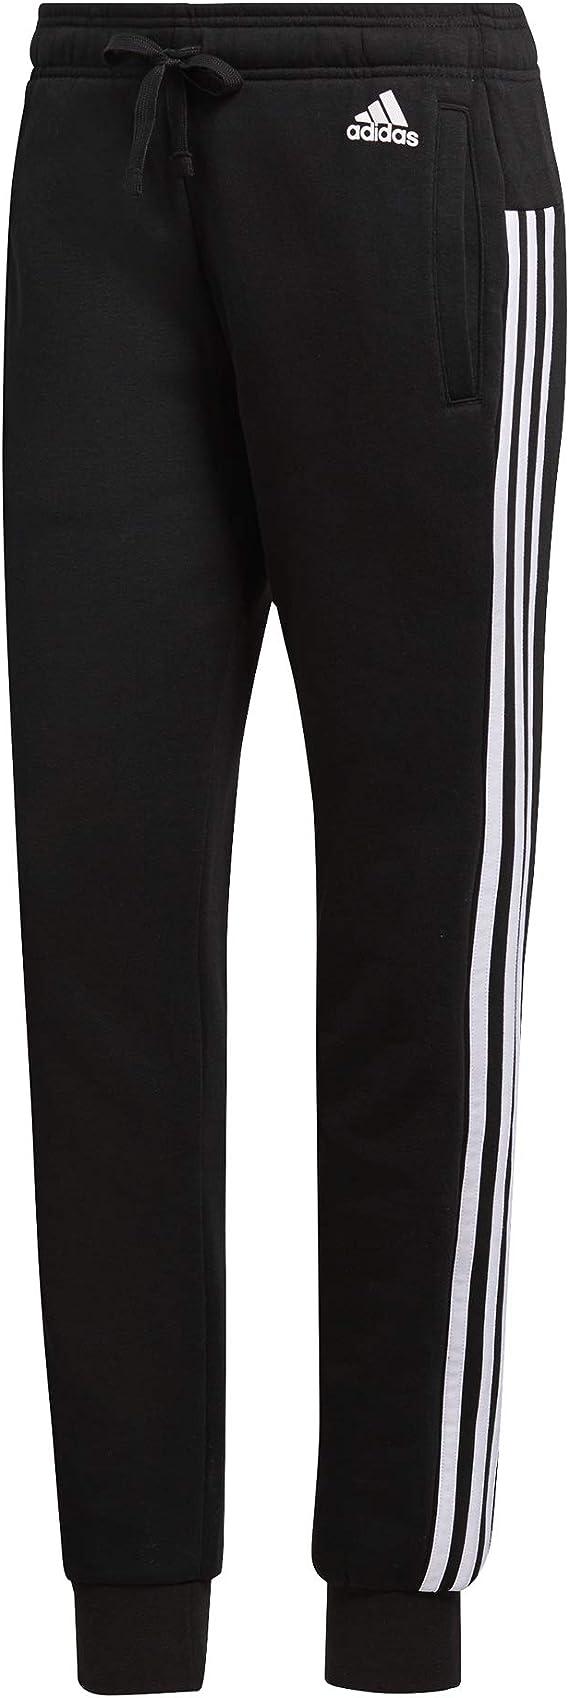 adidas S97109 Pantalón de Chándal, Mujer: Amazon.es: Ropa y accesorios